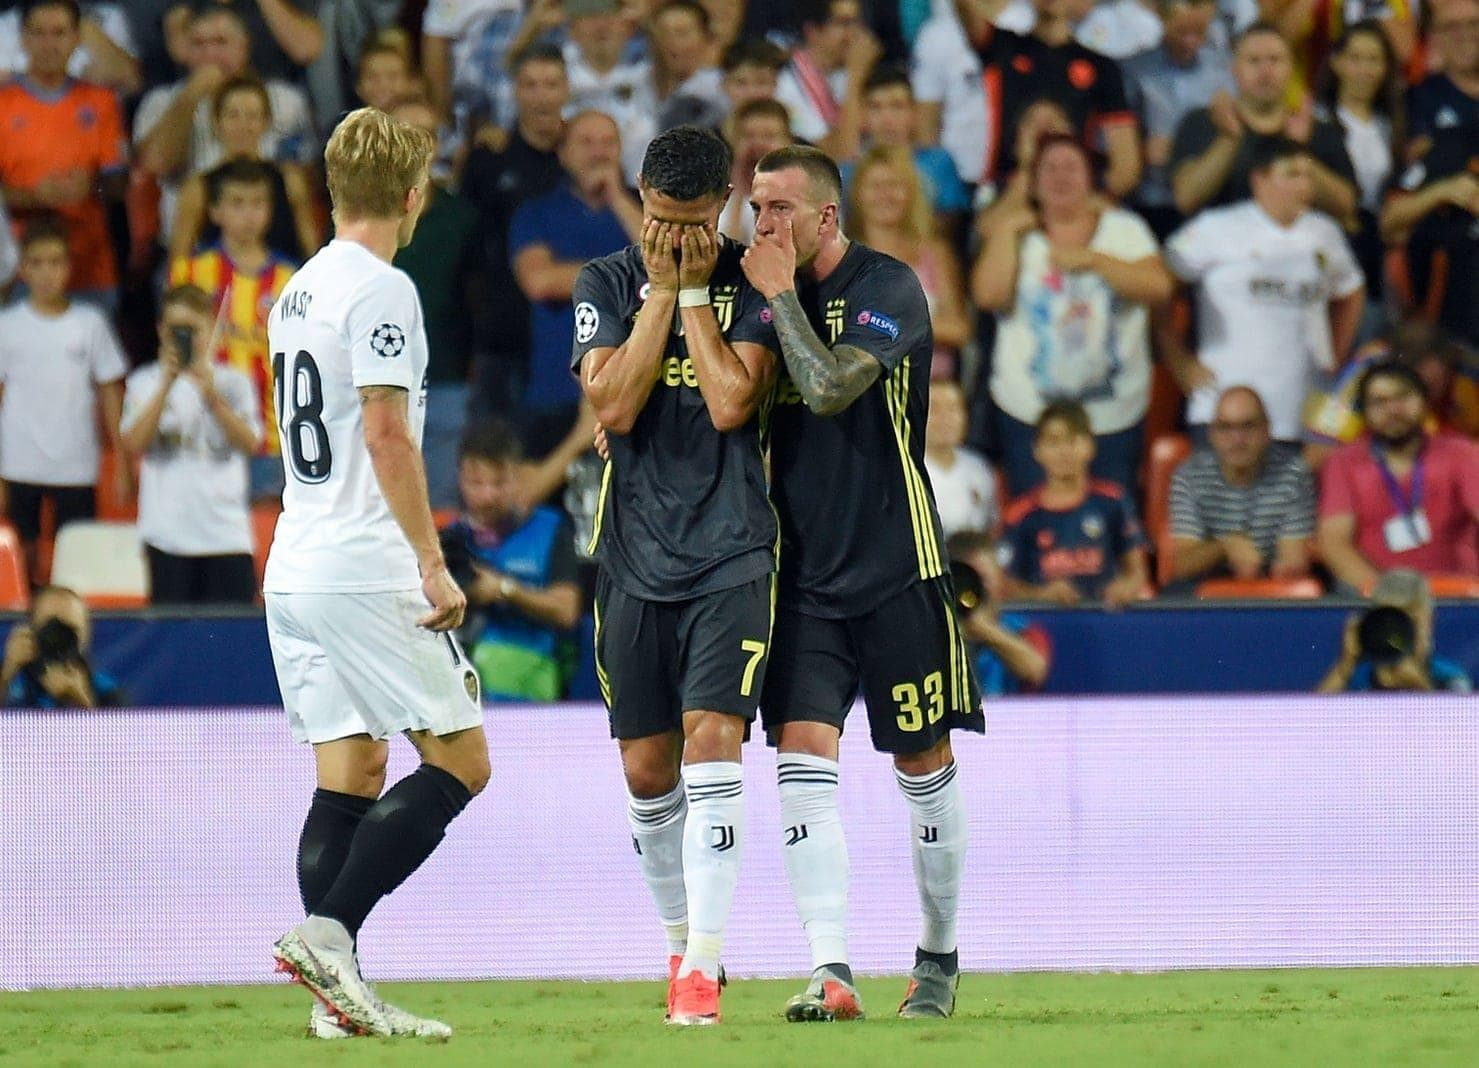 <p>Der Aufreger des Abends ereignete sich im Stadion Mestalla von Valencia. Nach einem Laufduell im gegnerischen Strafraum war zunächst Abwehrspieler Jeison Murillo zu Boden gegangen. Daraufhin griff Ronaldo ihm kurz in die Haare. Es kam zu einer Rudelbildung